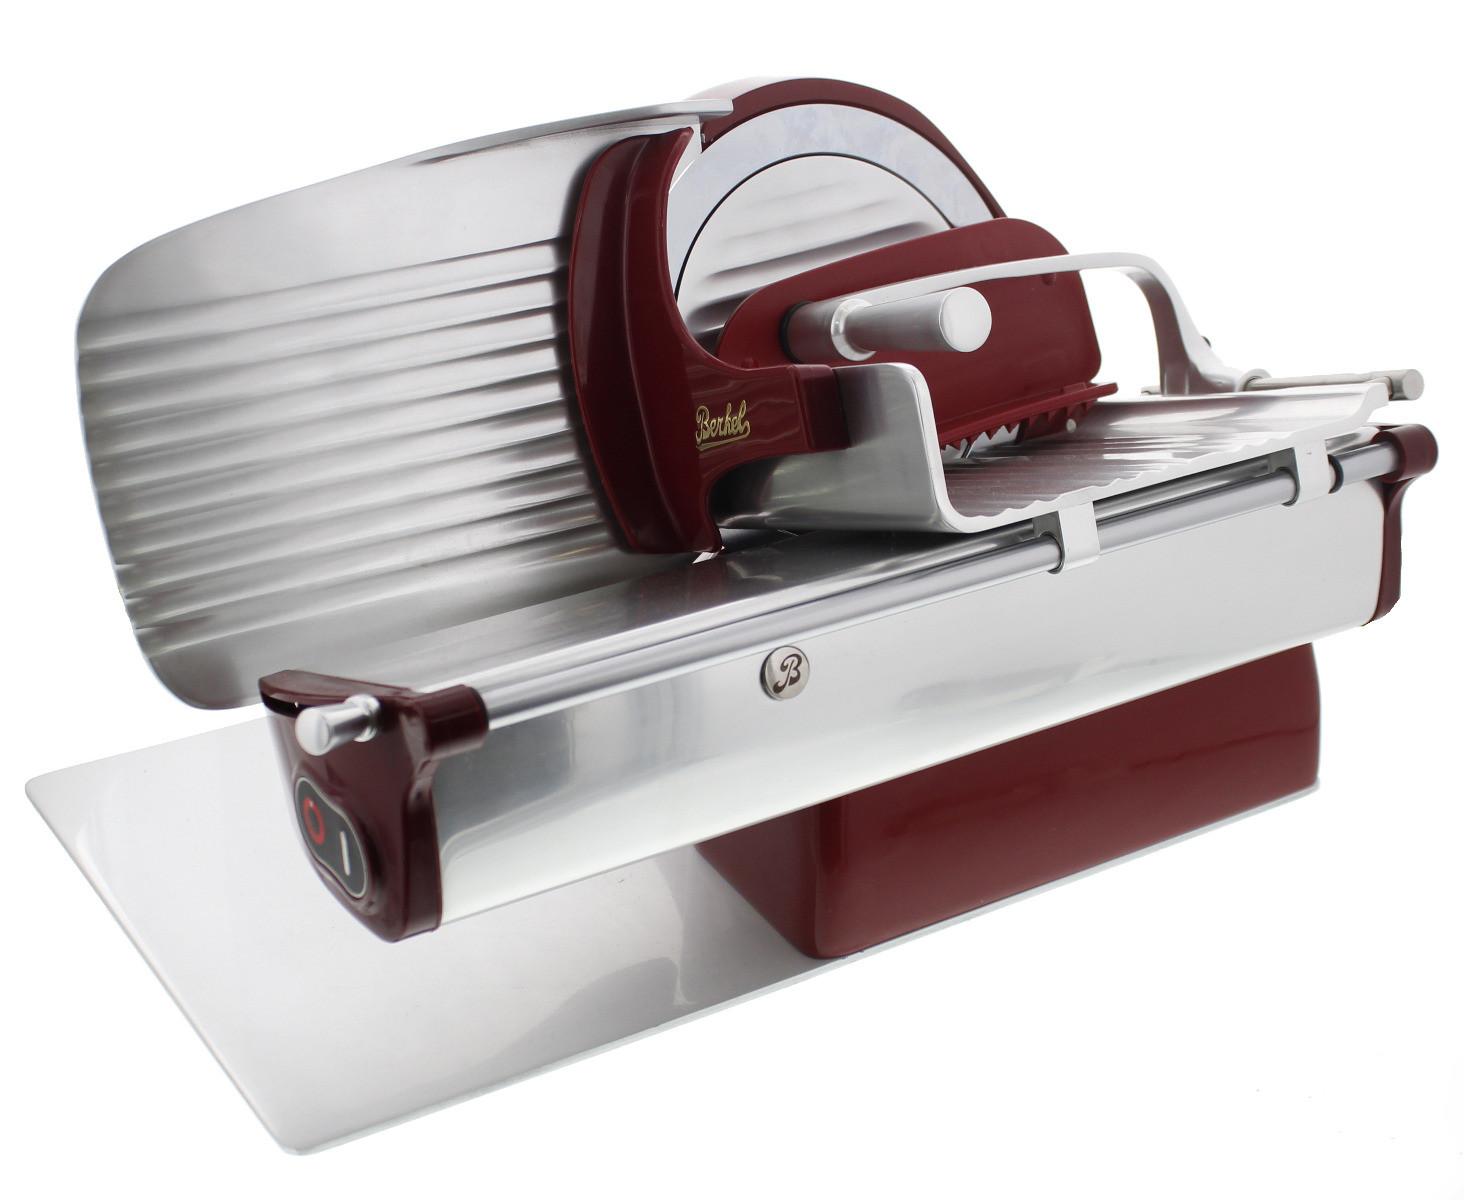 Keuken Trolley Keukenverlichting : Berkel red line 200 snijmachine ø 19 5 cm rood 8050040422609